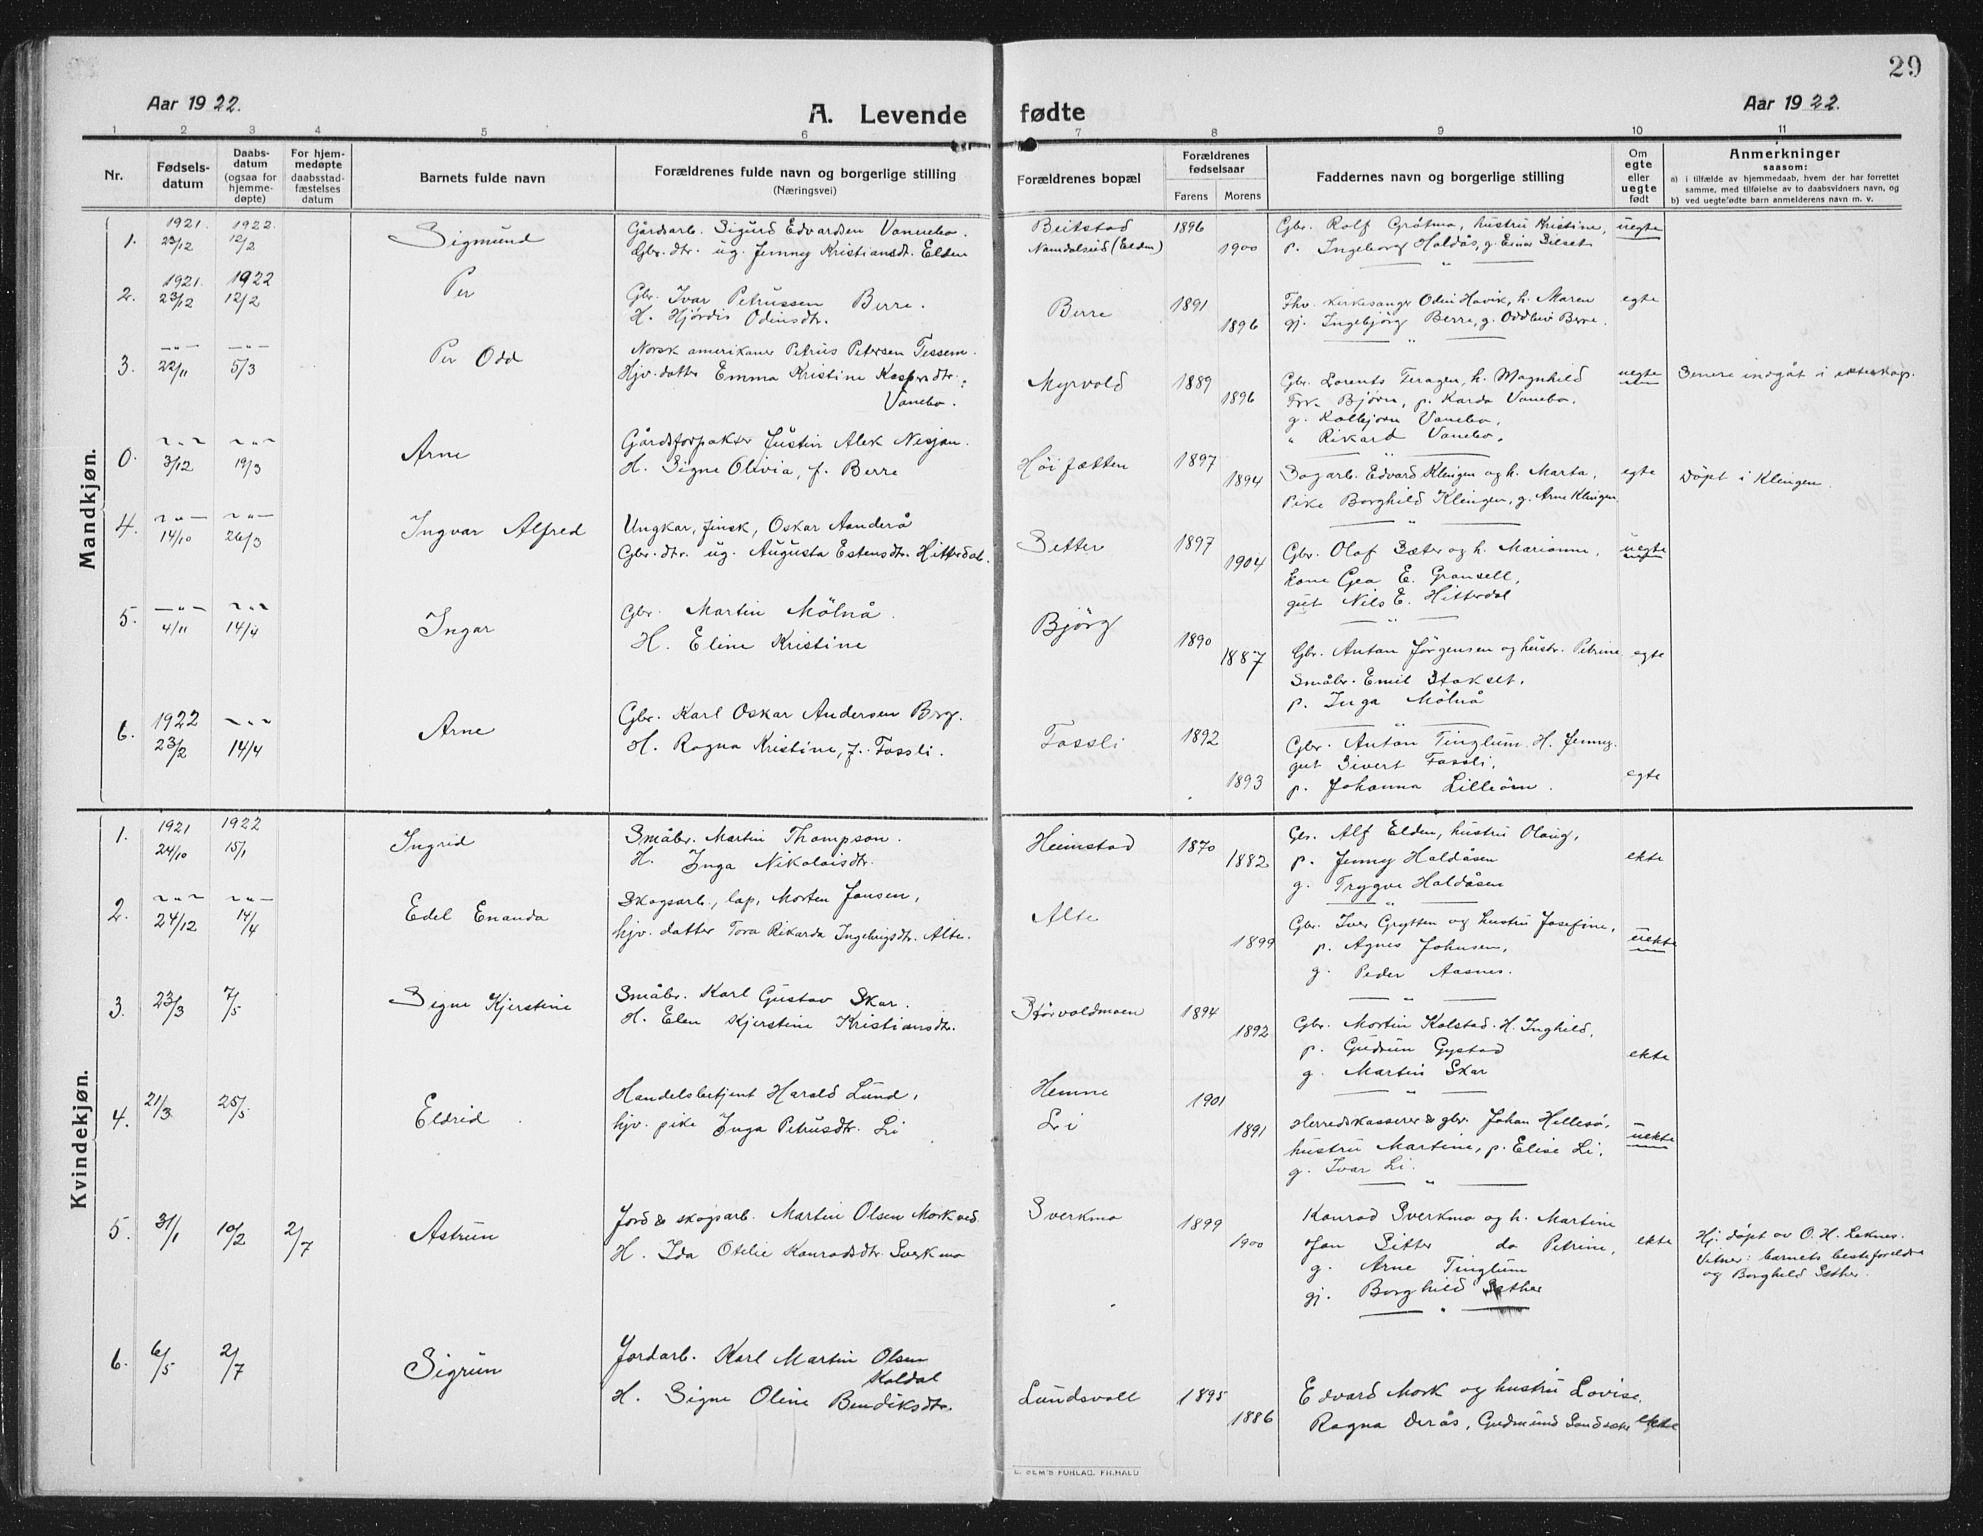 SAT, Ministerialprotokoller, klokkerbøker og fødselsregistre - Nord-Trøndelag, 742/L0413: Klokkerbok nr. 742C04, 1911-1938, s. 29